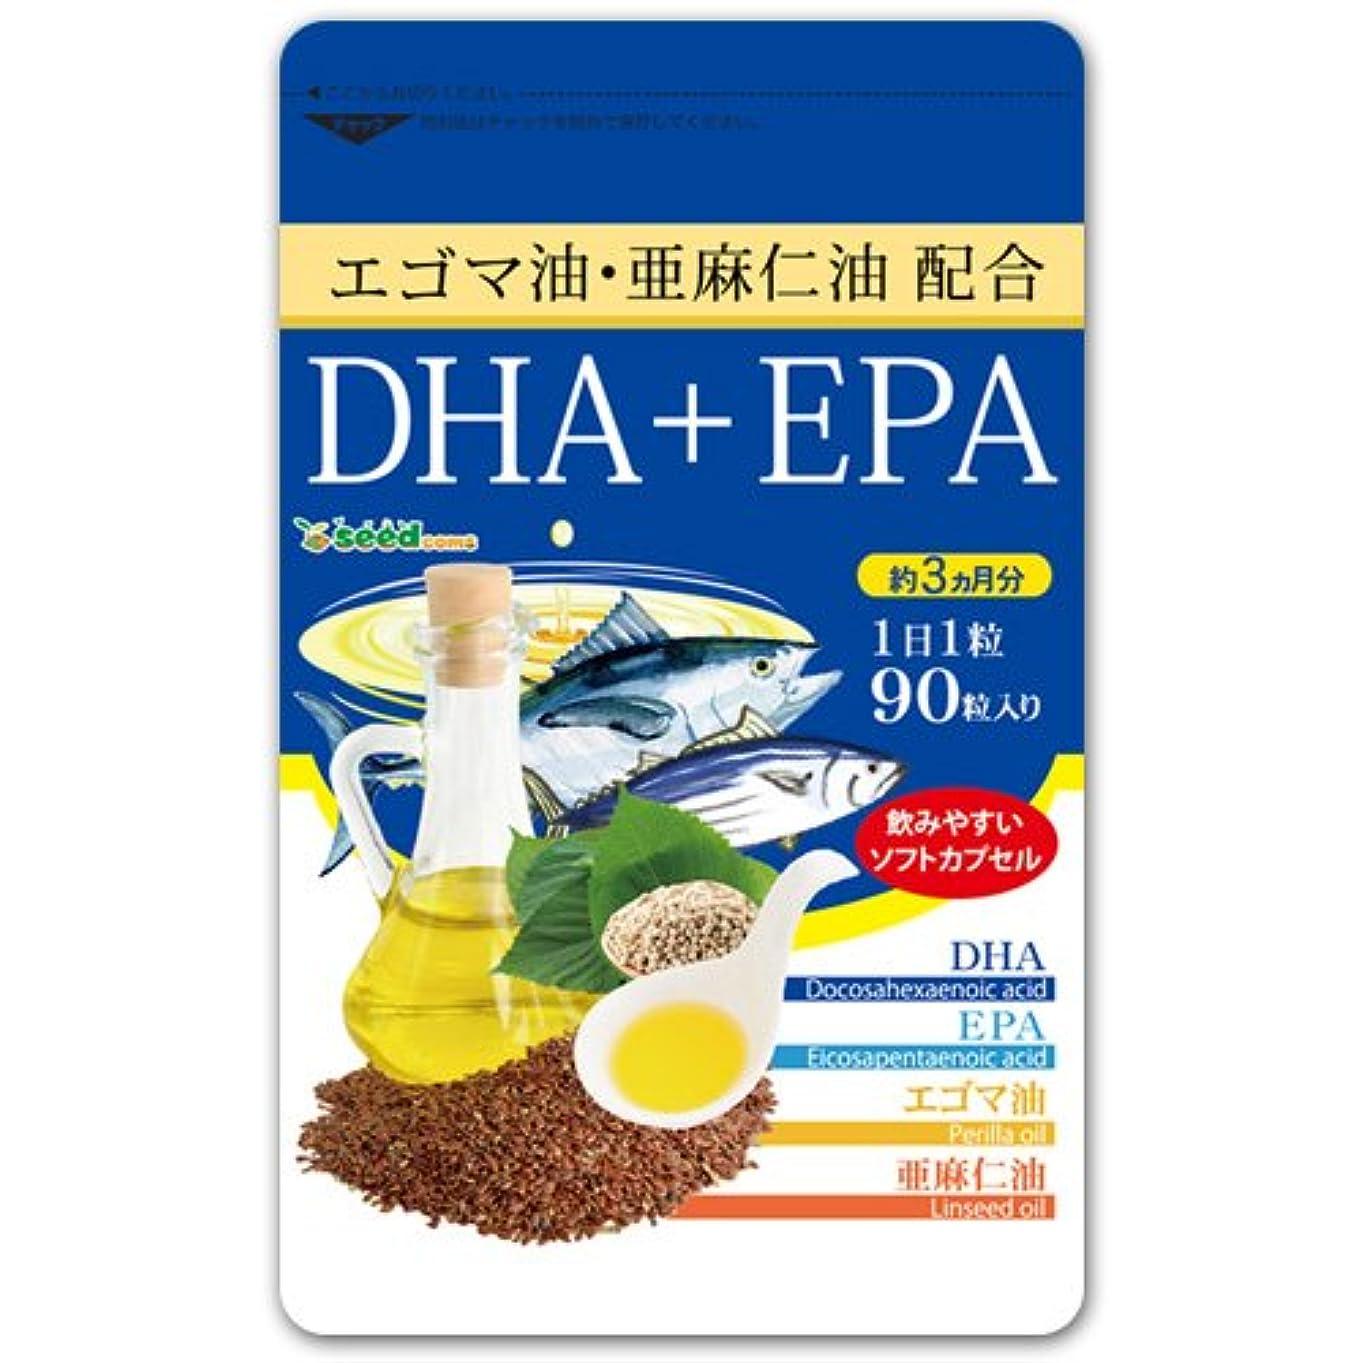 故意のハウジングひねり【 seedcoms シードコムス 公式 】亜麻仁油 エゴマ油配合 DHA+EPA (約3ヶ月分/90粒)